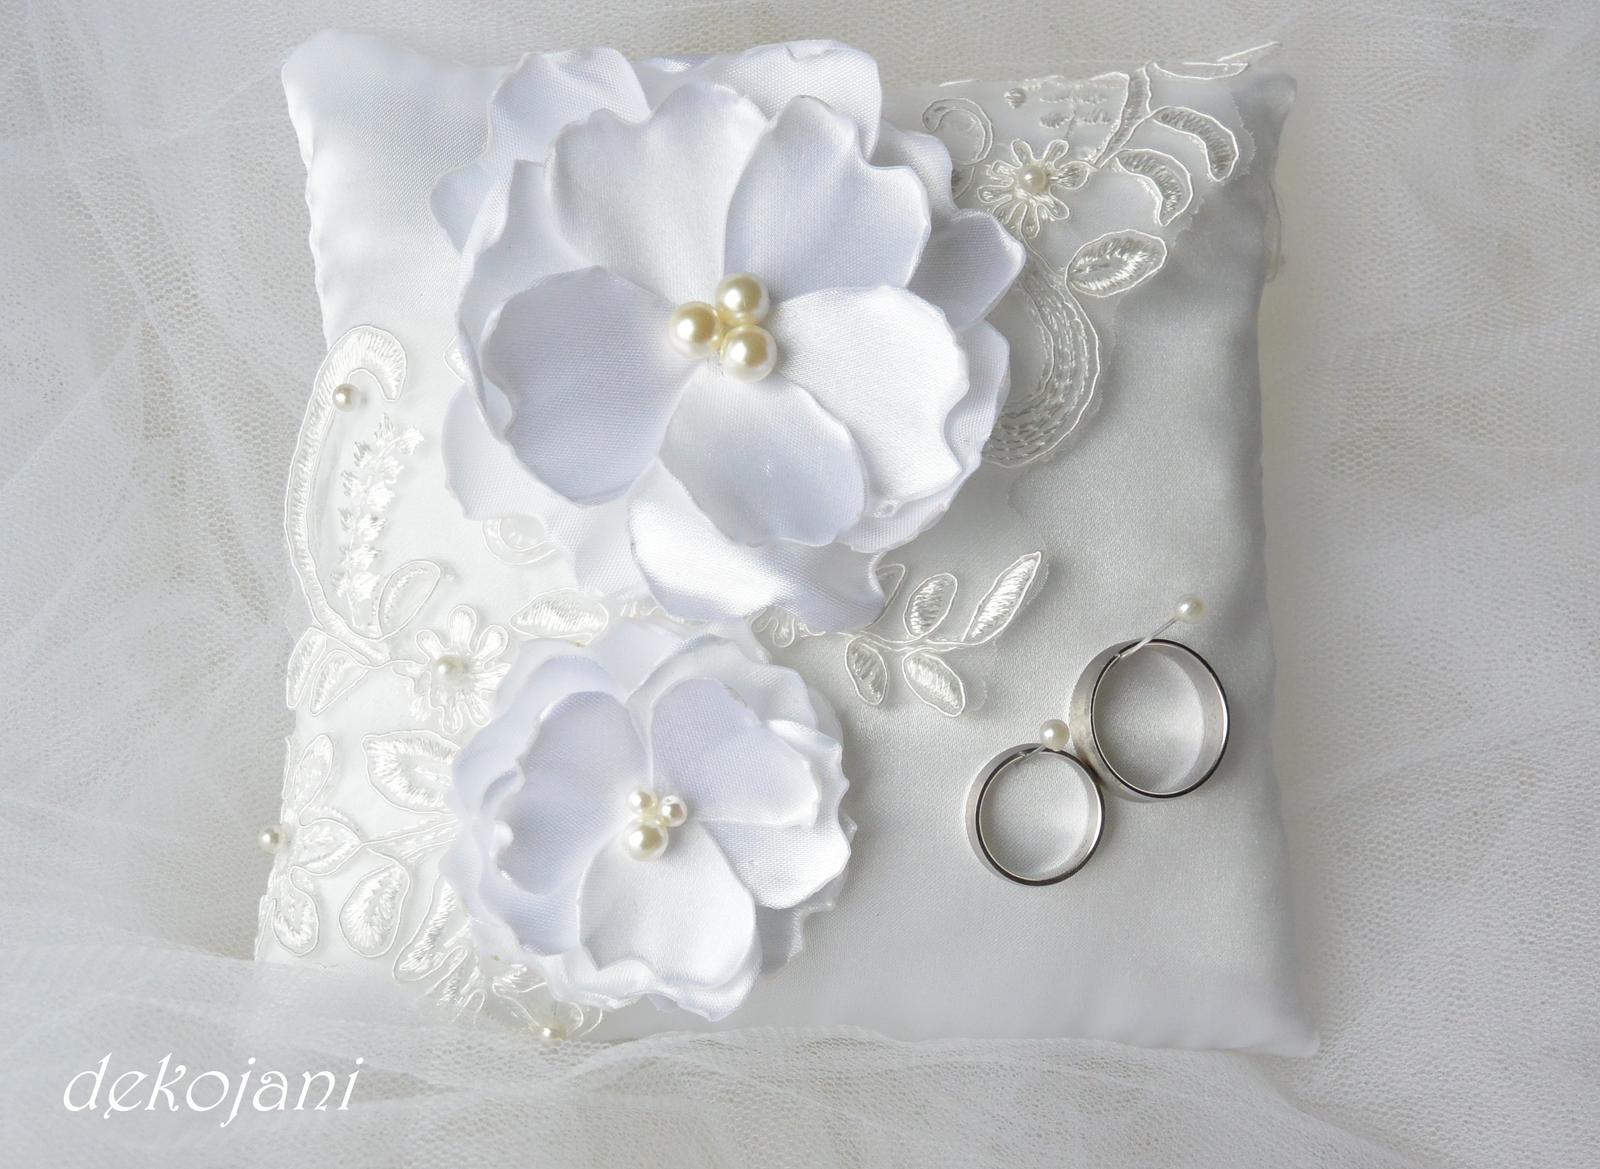 Luxusní svatební doplňky a dekorace. - Obrázek č. 7